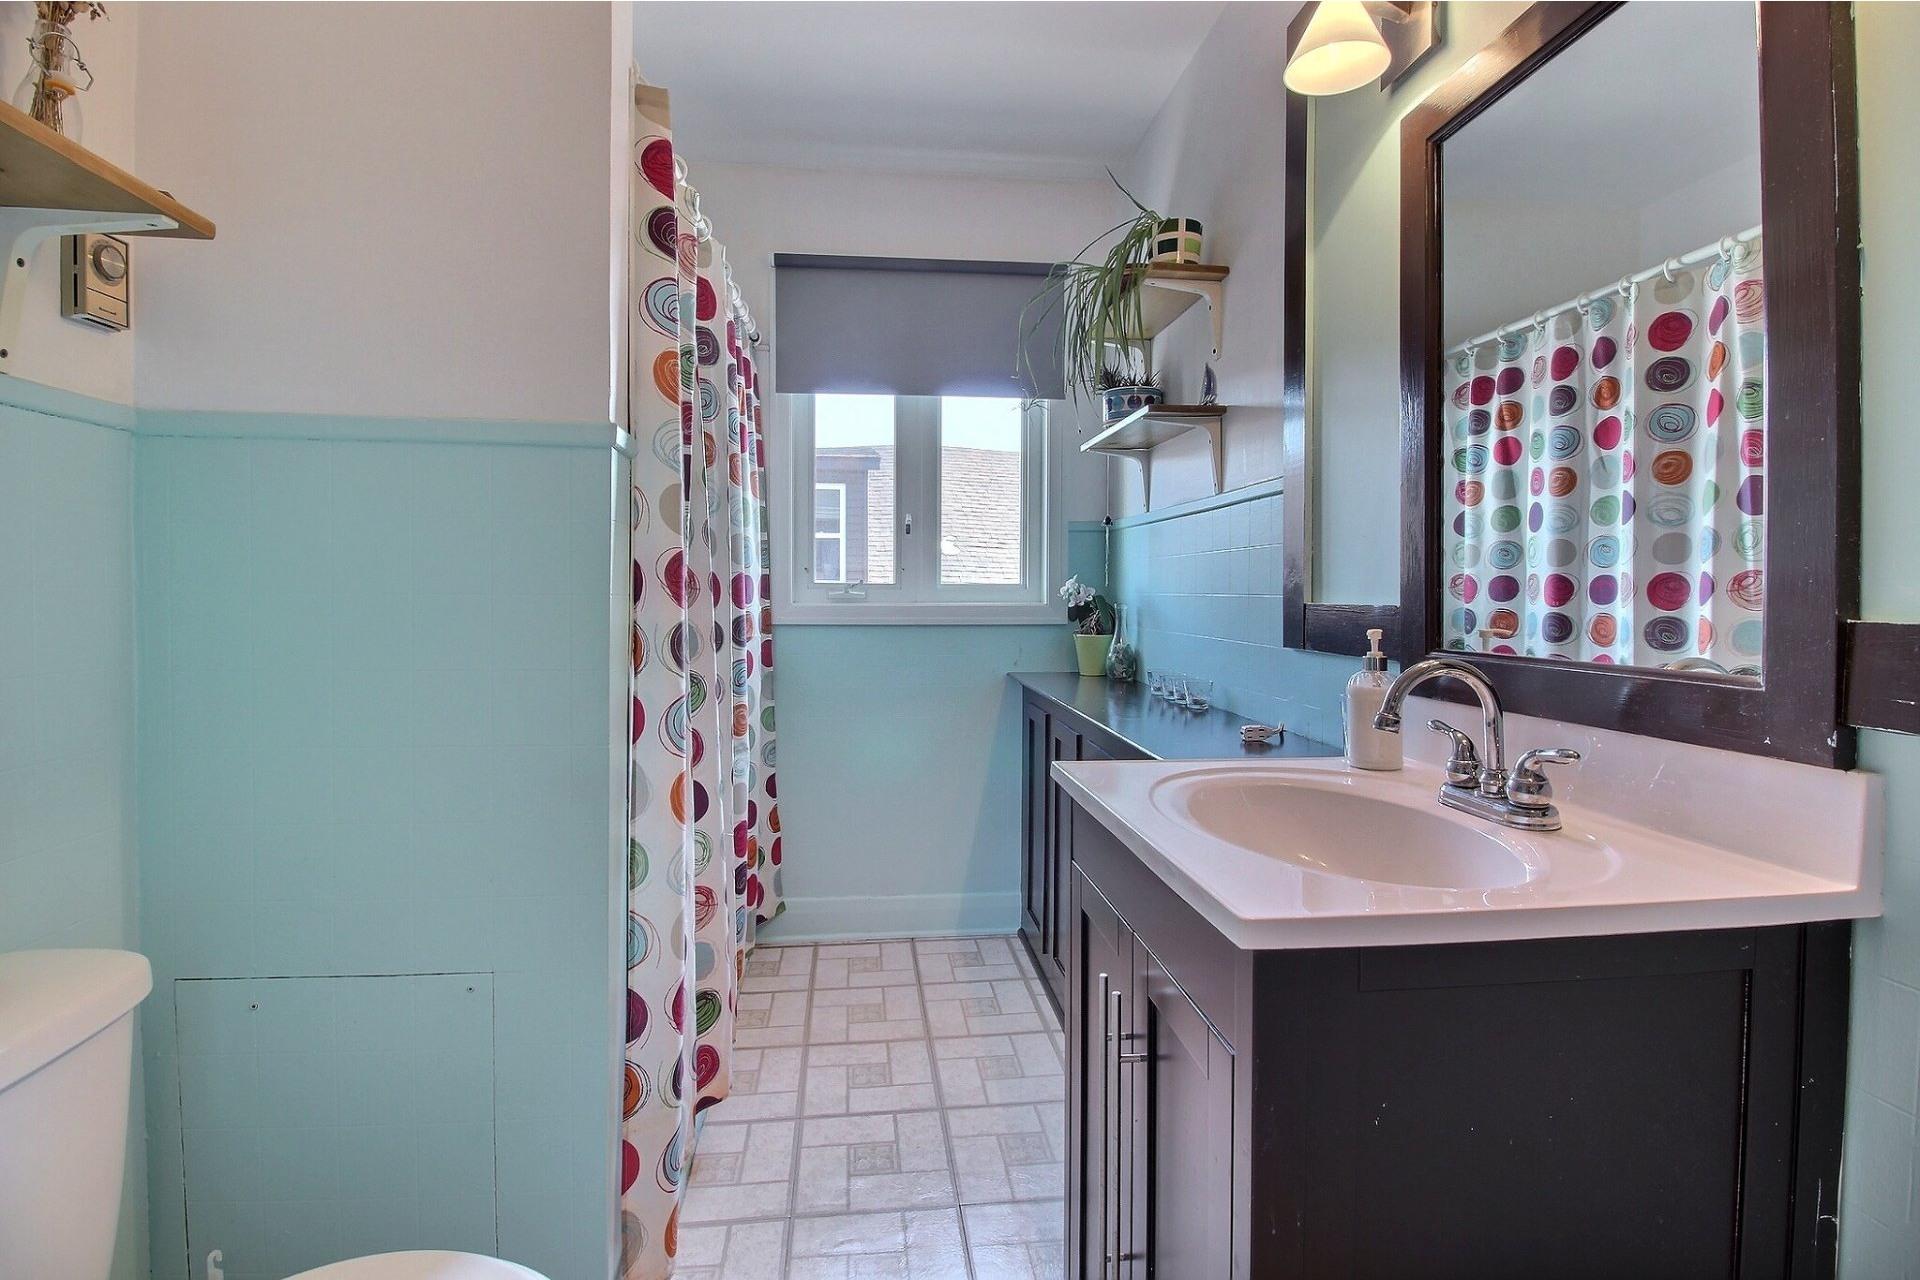 image 13 - Duplex For sale Joliette - 5 rooms